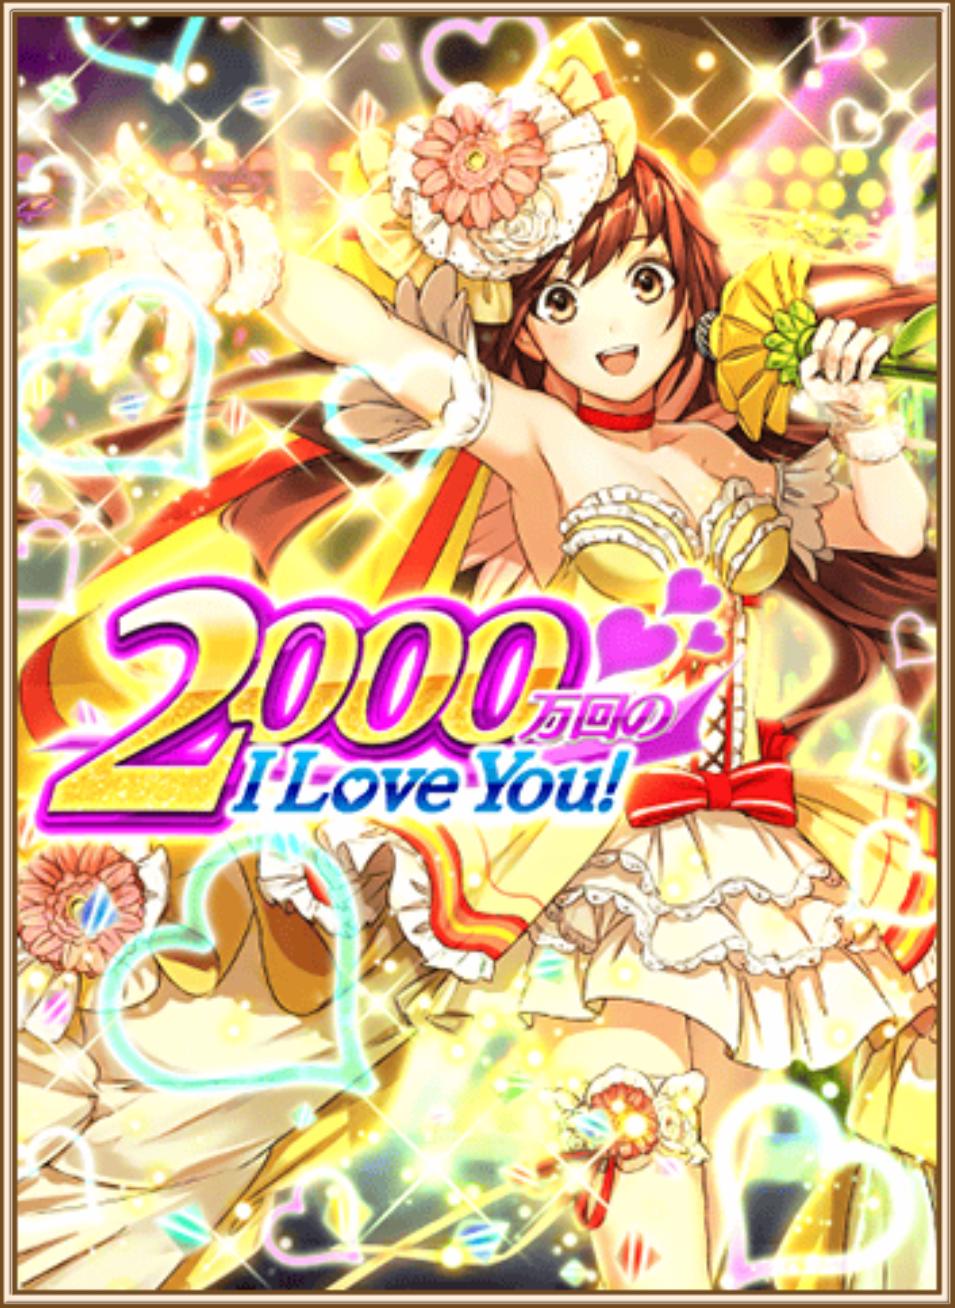 2000万回のI Love You!